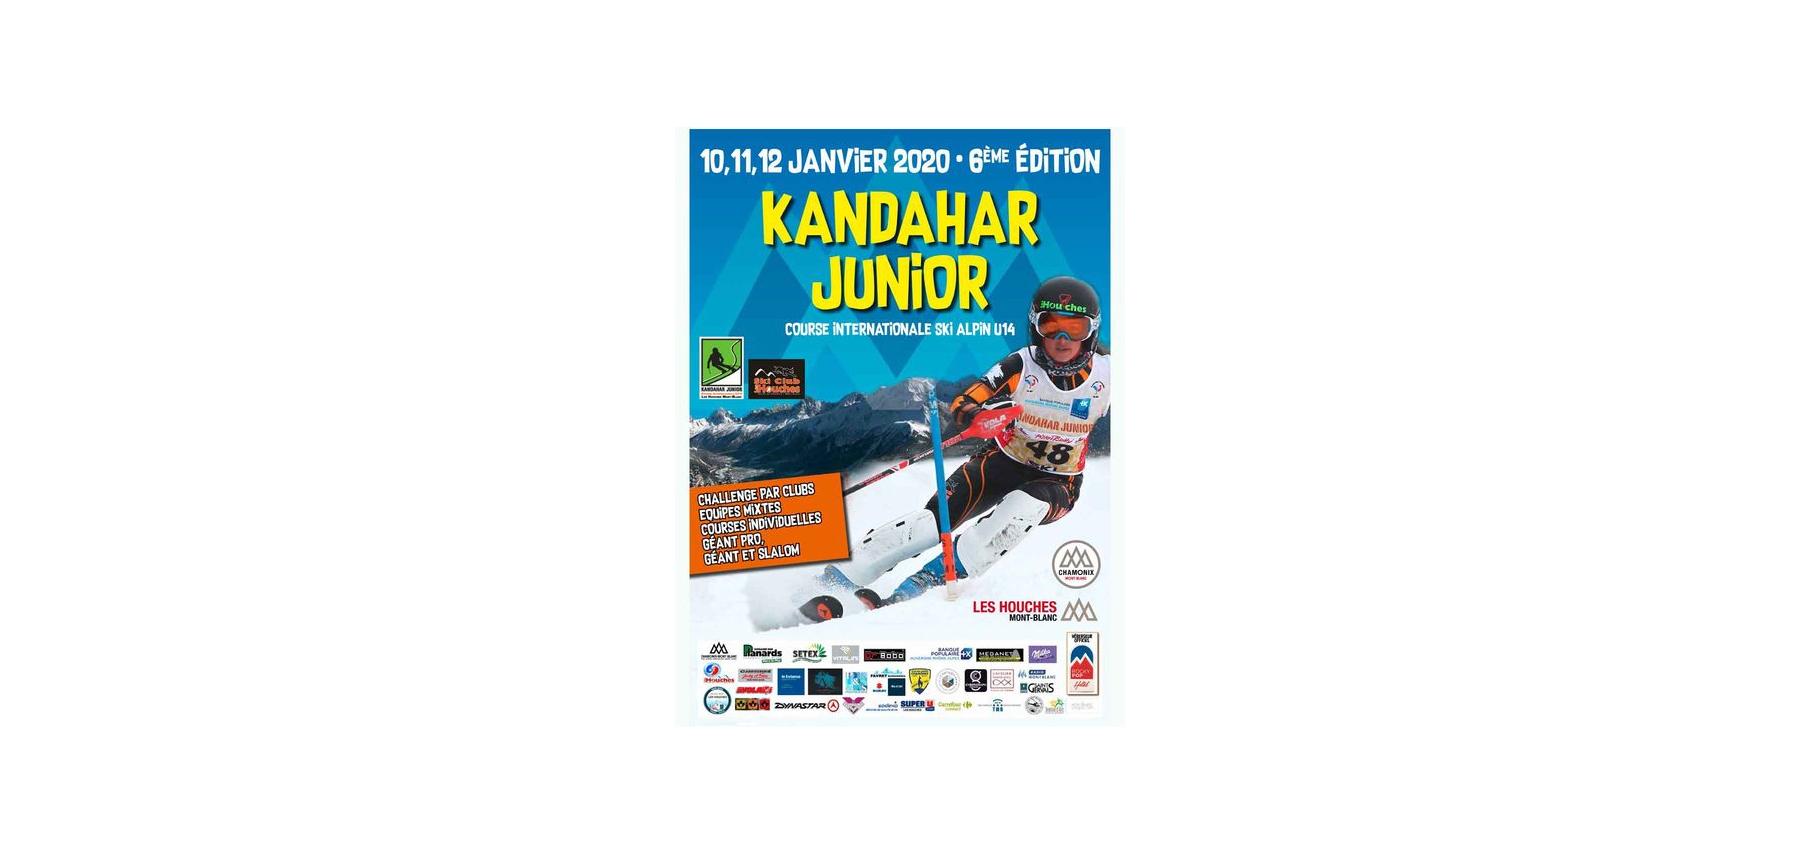 Kandahar junior - CGH Résidences